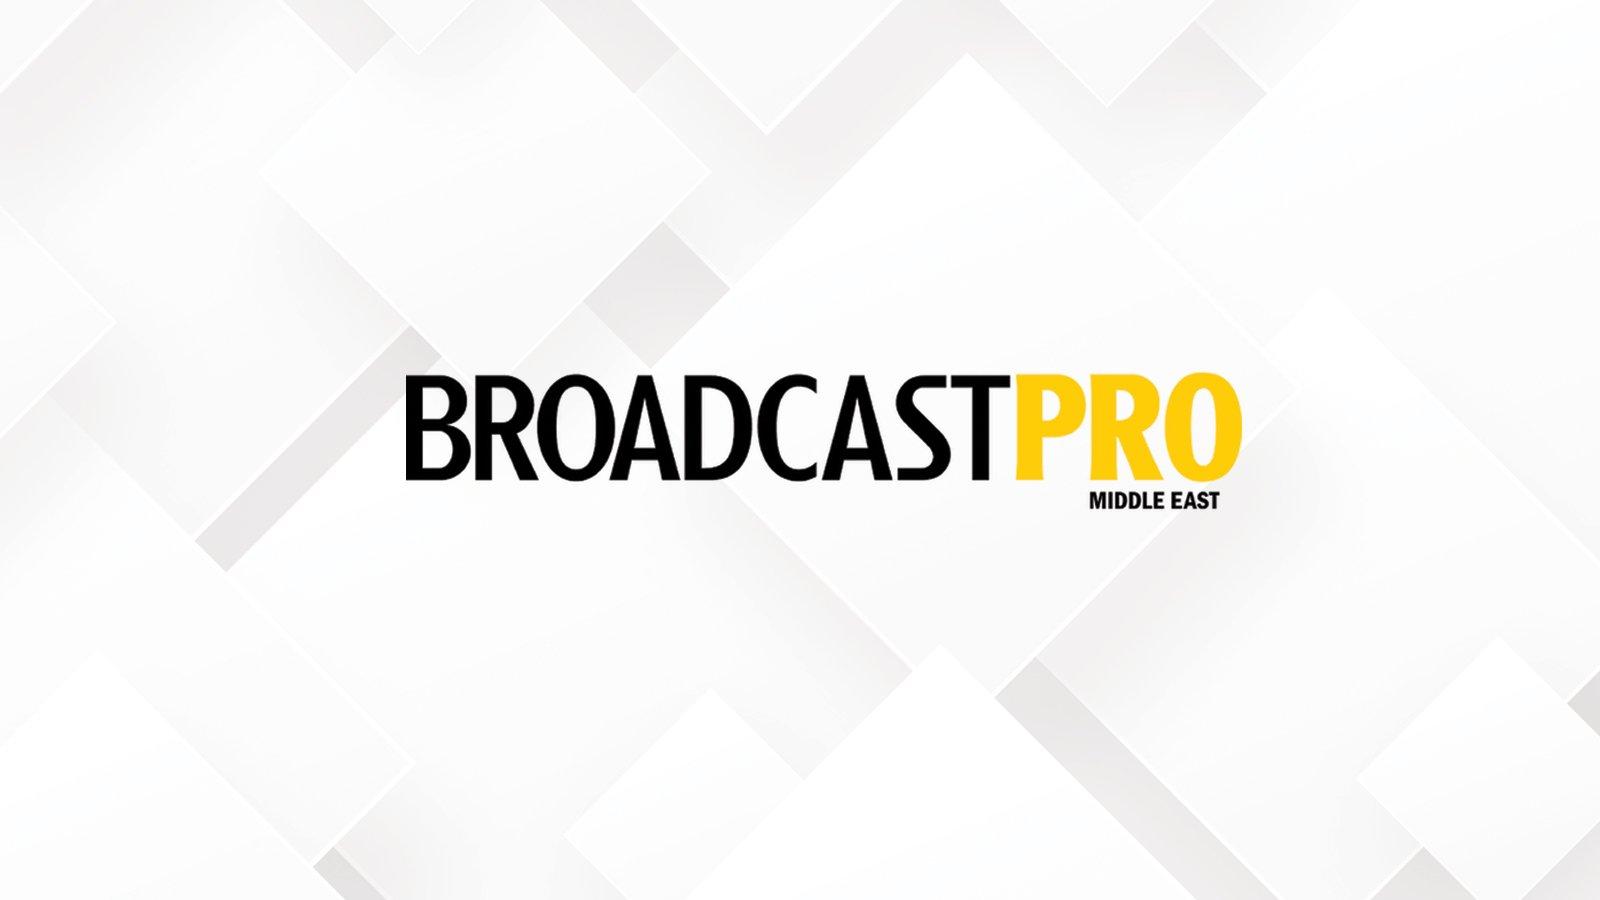 broadcast pro zero density